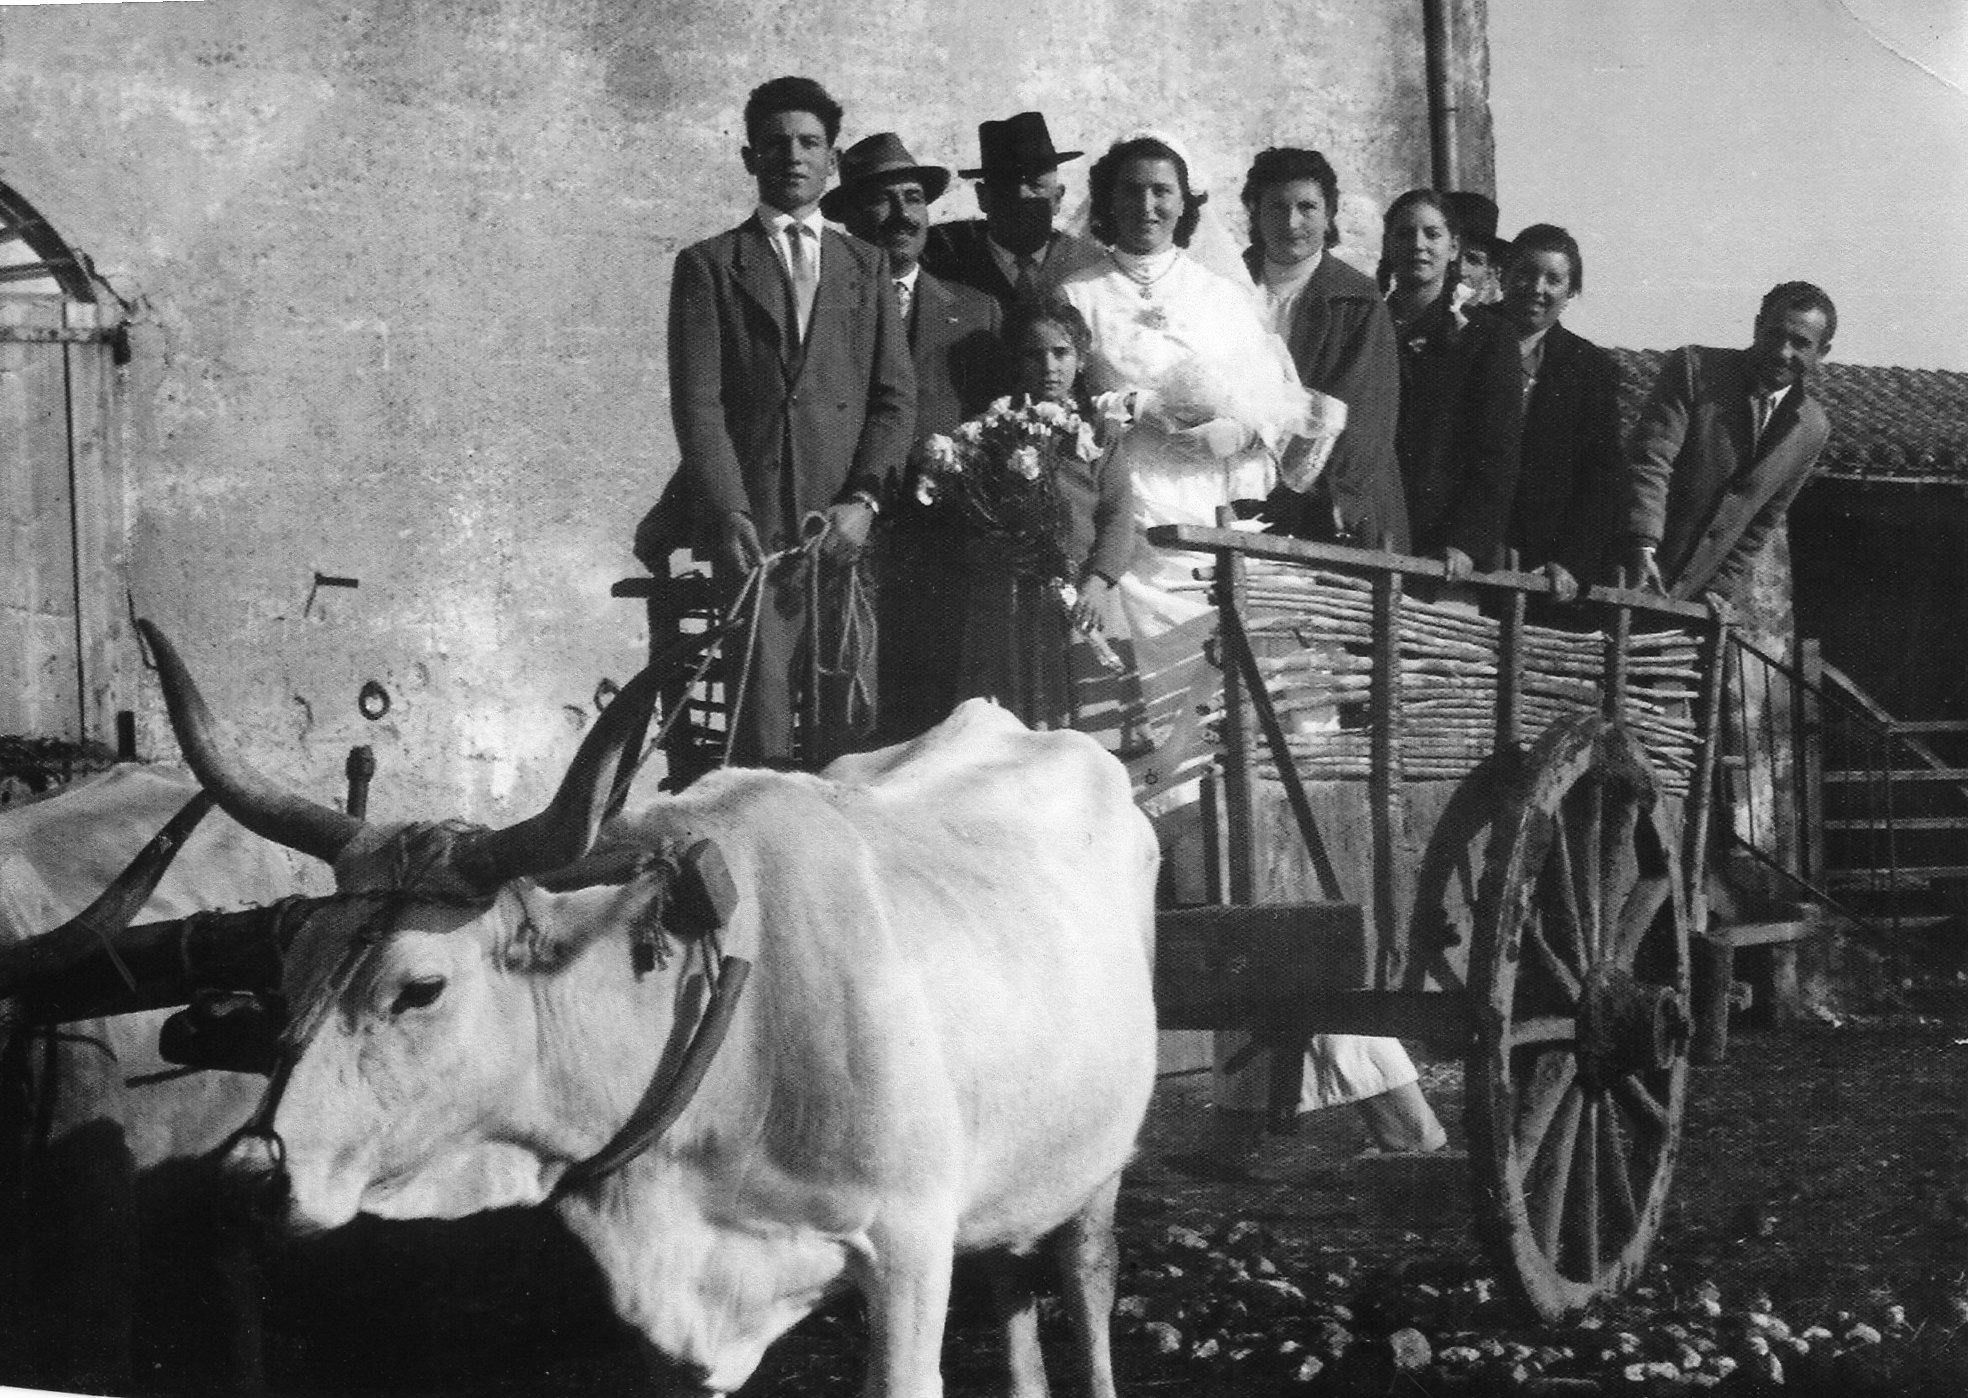 Matrimonio contadino chiamamicitta - 13 a tavola superstizione ...